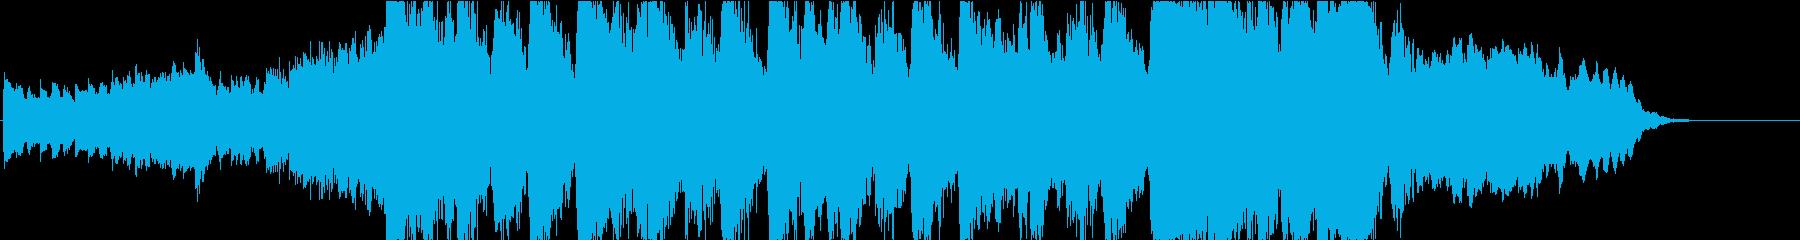 静かなピアノから壮大なオケ④30秒版の再生済みの波形